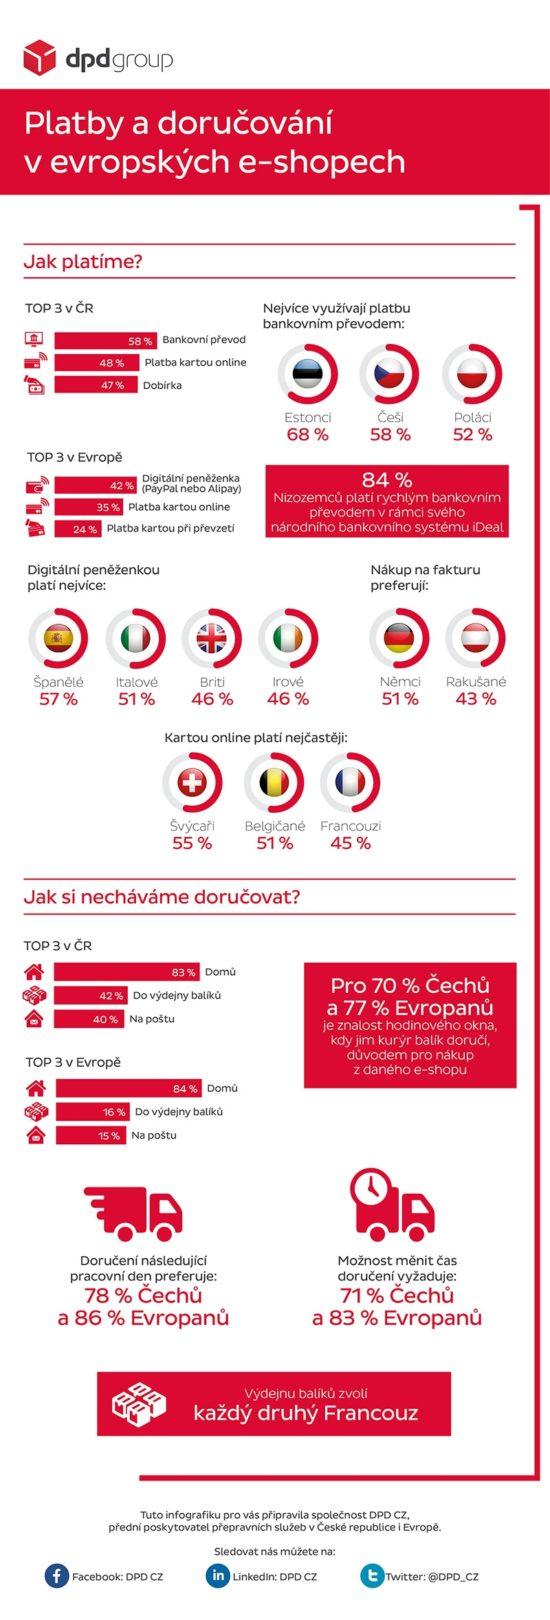 Objednávání z e-shopů je populární jako nikdy, podívejte se statistiky objednávání Čechů a Evropanů.